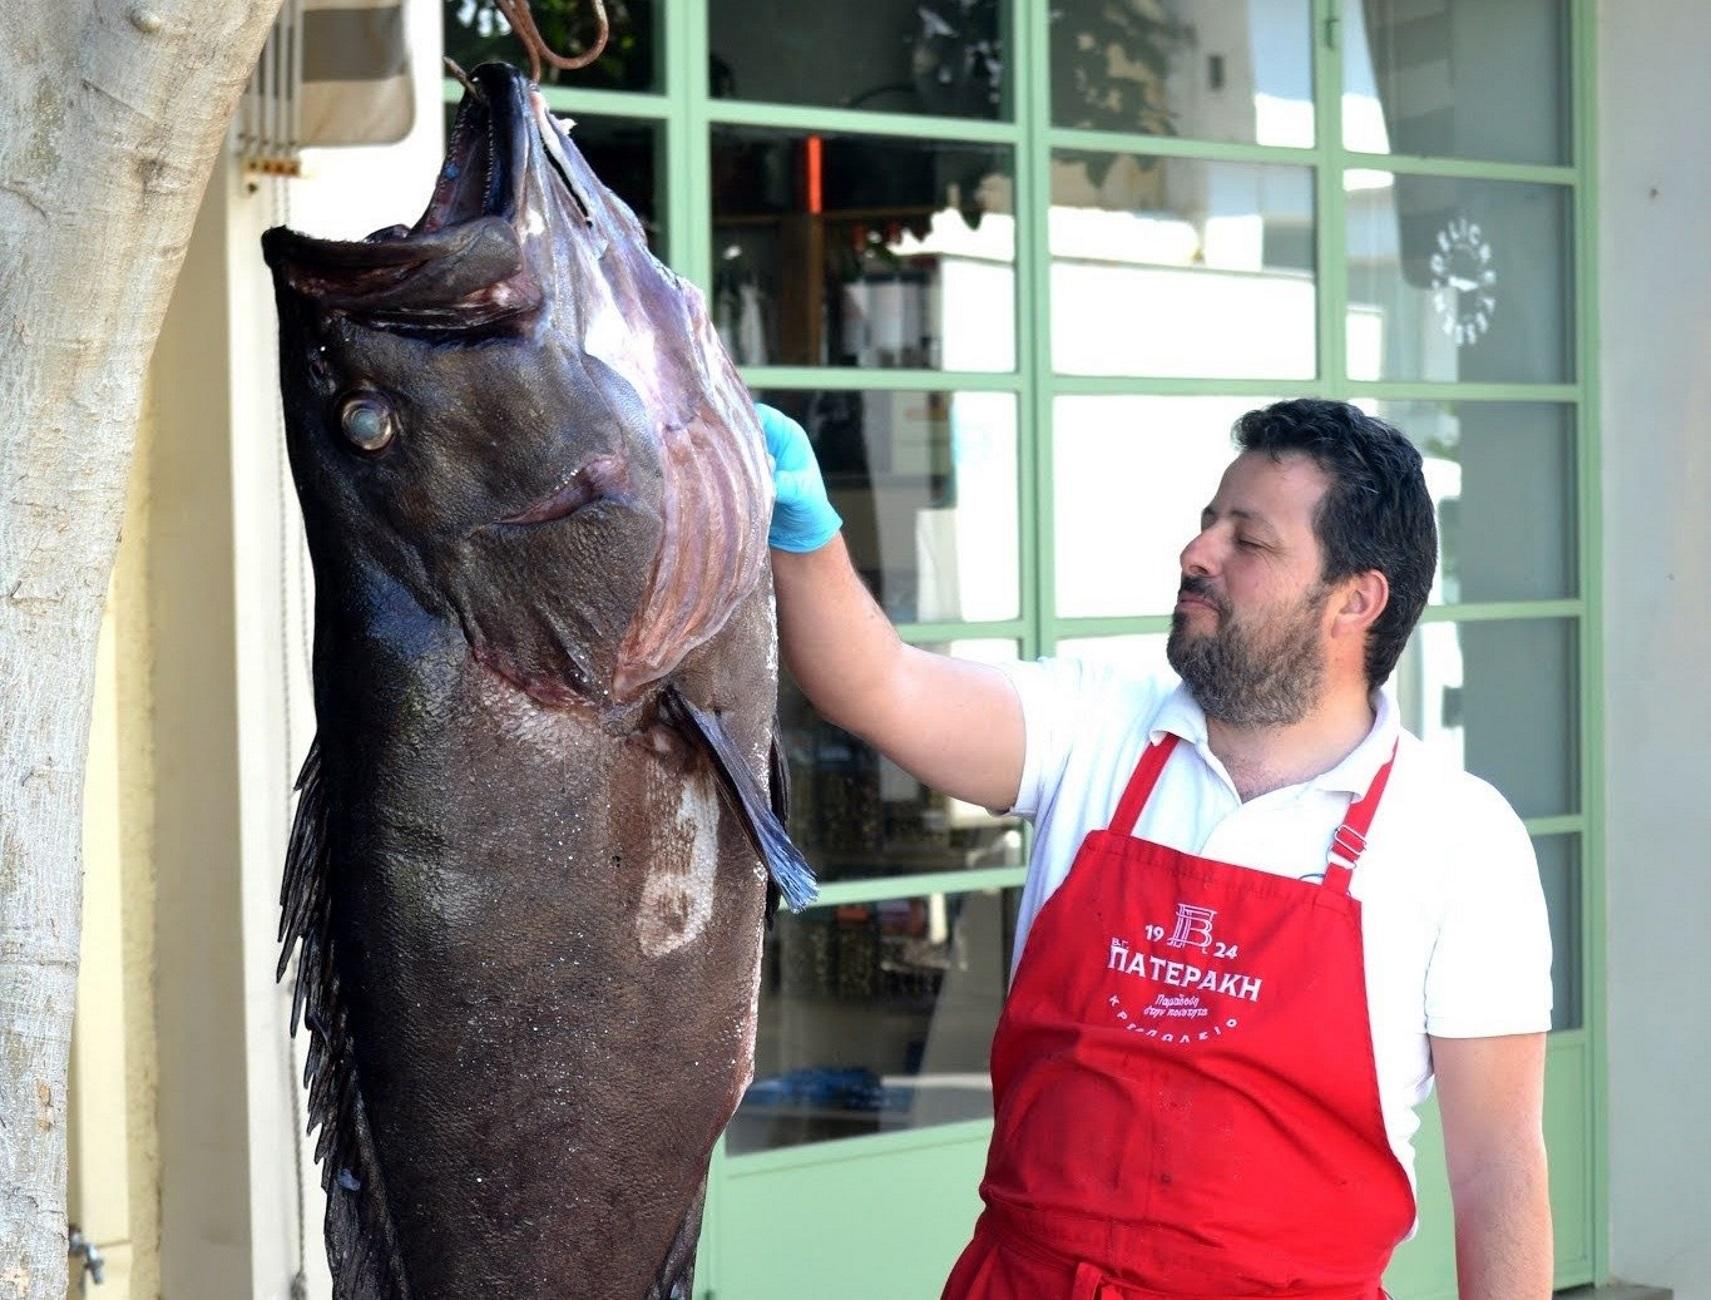 Κρήτη: Στάθηκαν τυχεροί και έβγαλαν αυτό το τεράστιο ψάρι – Δείτε τις εικόνες που έγιναν θέμα συζήτησης